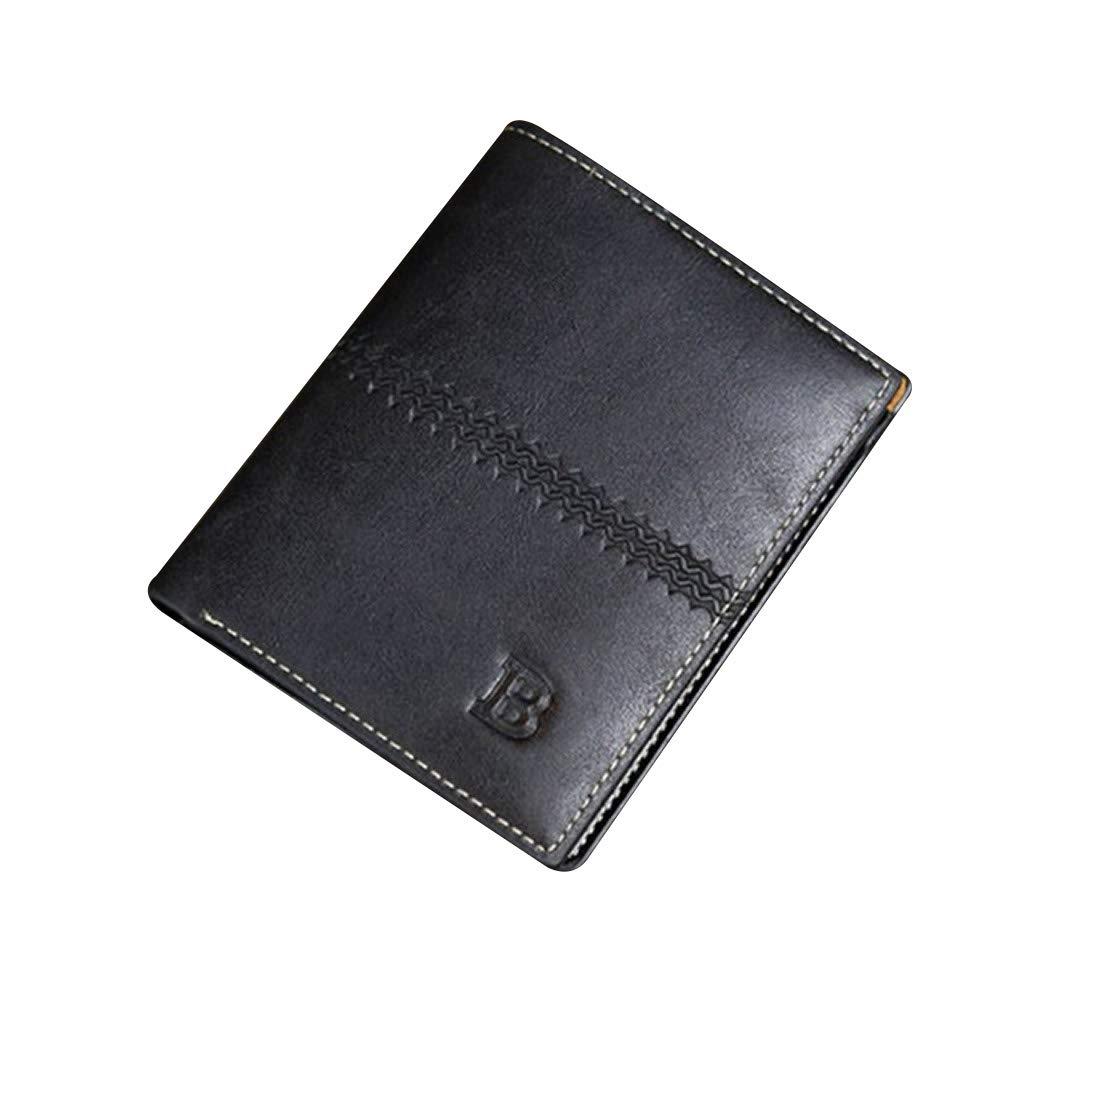 RISUP メンズ ブラック US サイズ: One Size カラー: ブラック B07HH7DWVR